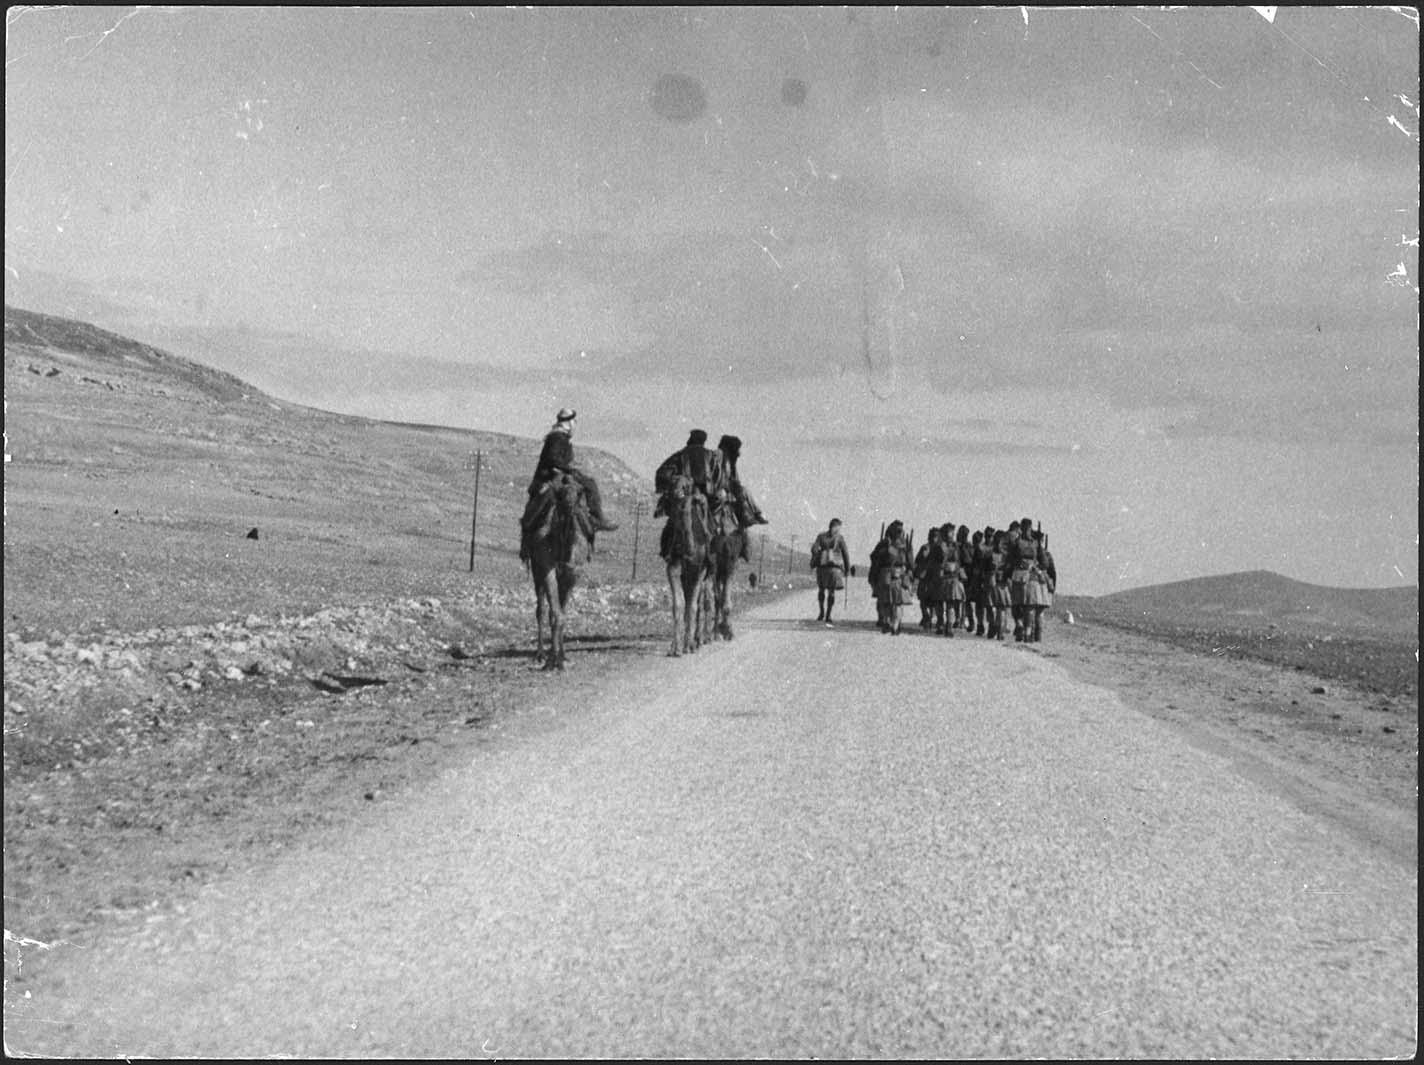 Palästine Kamelreiter 1933/34